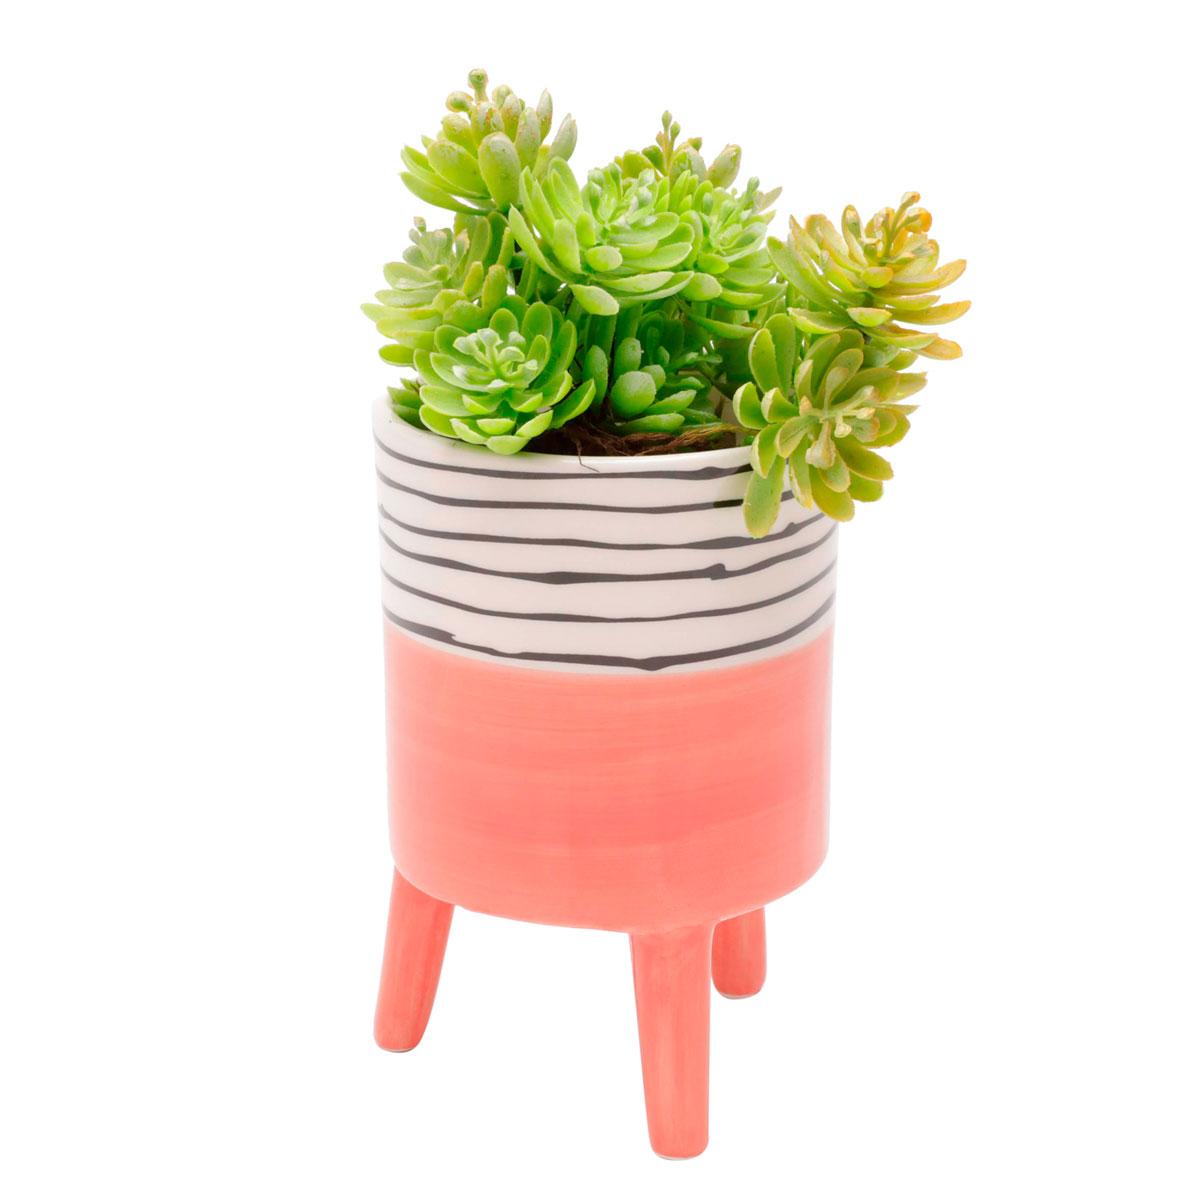 Cachepot Vaso Decorativo de Cerâmica Bright Colors Salmão Grande - Presente Super